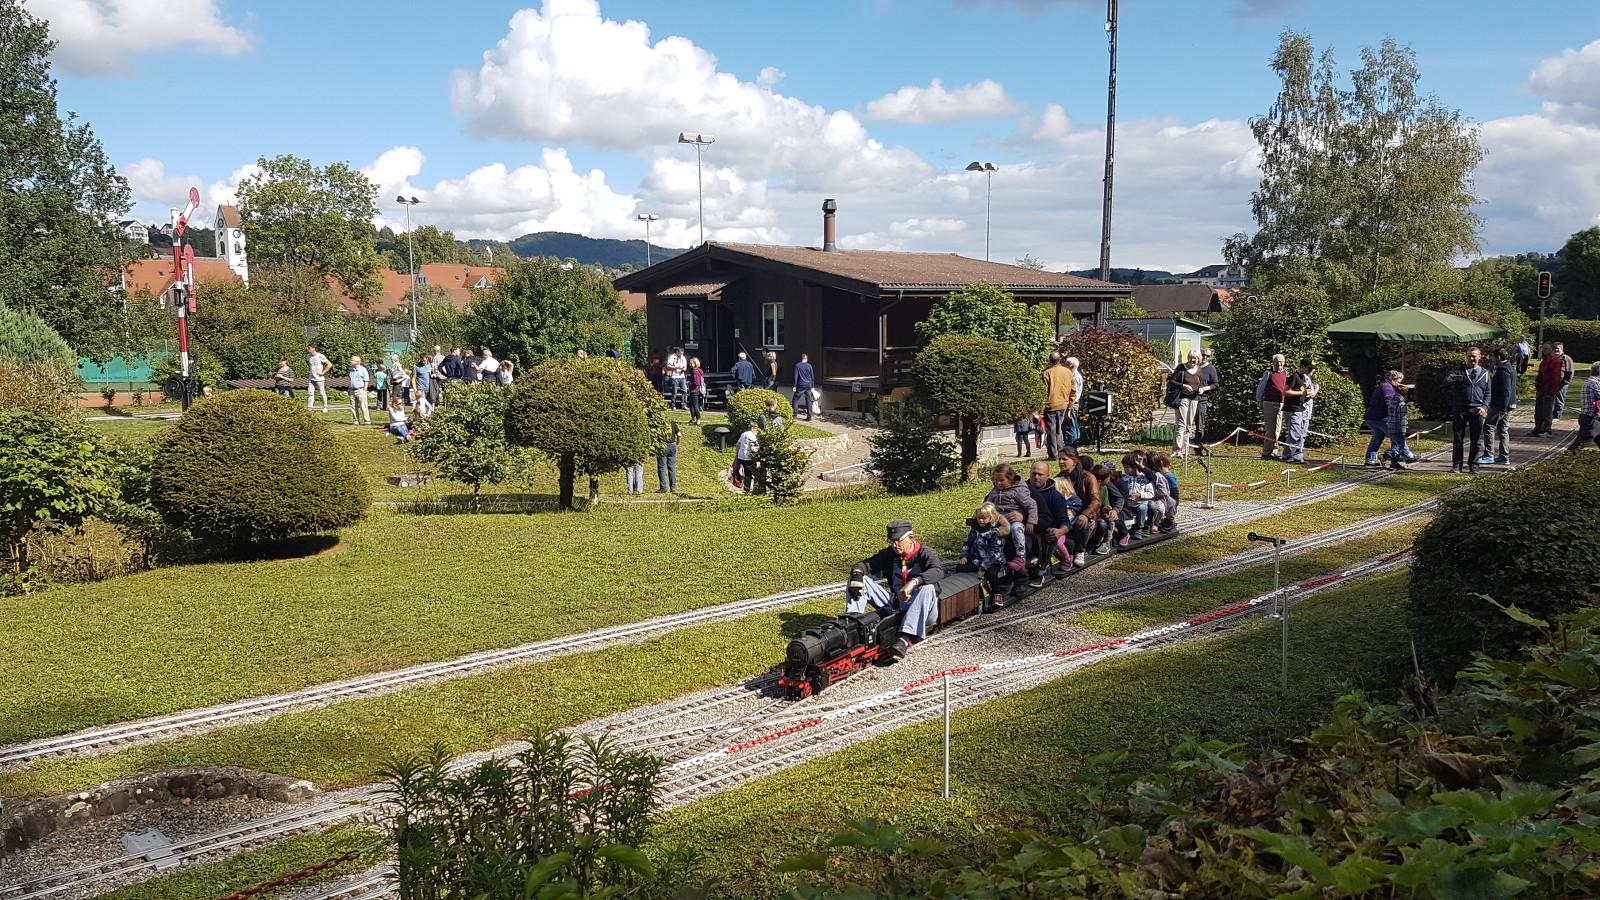 viel Betrieb auf der Modelleisenbahn in Glattfelden